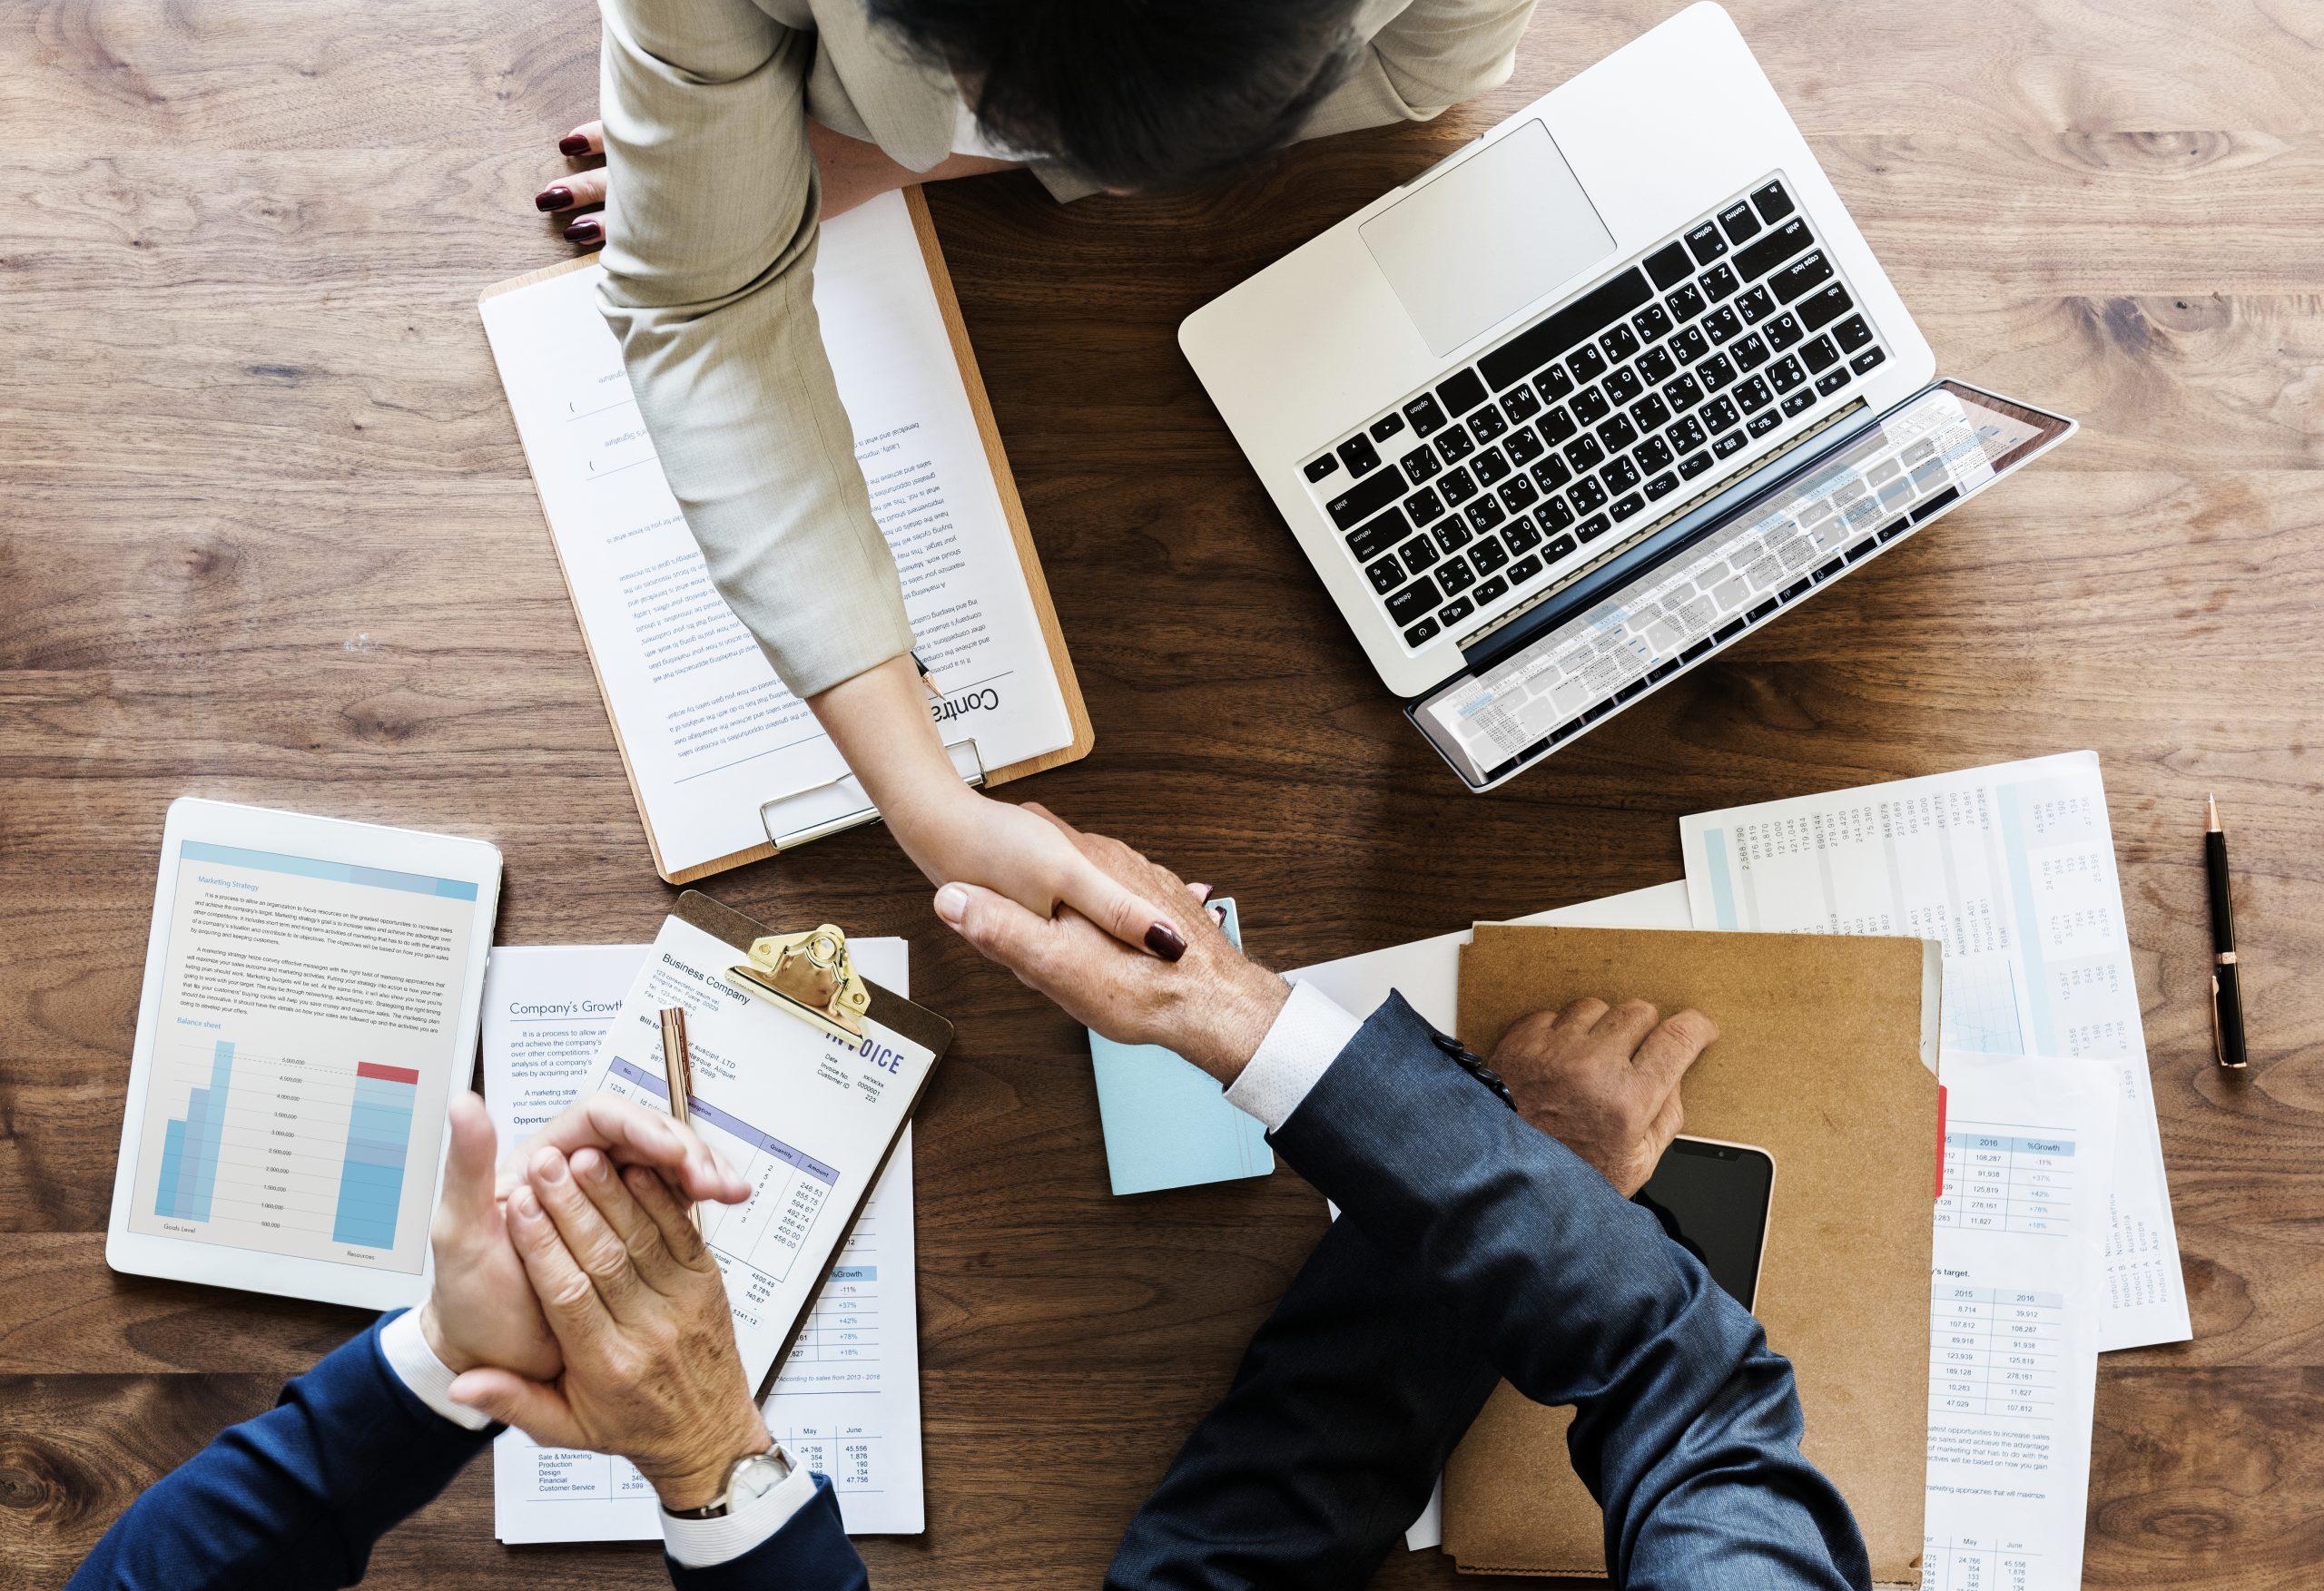 Dos personas estrechan las manos tras cerrar un acuerdo.